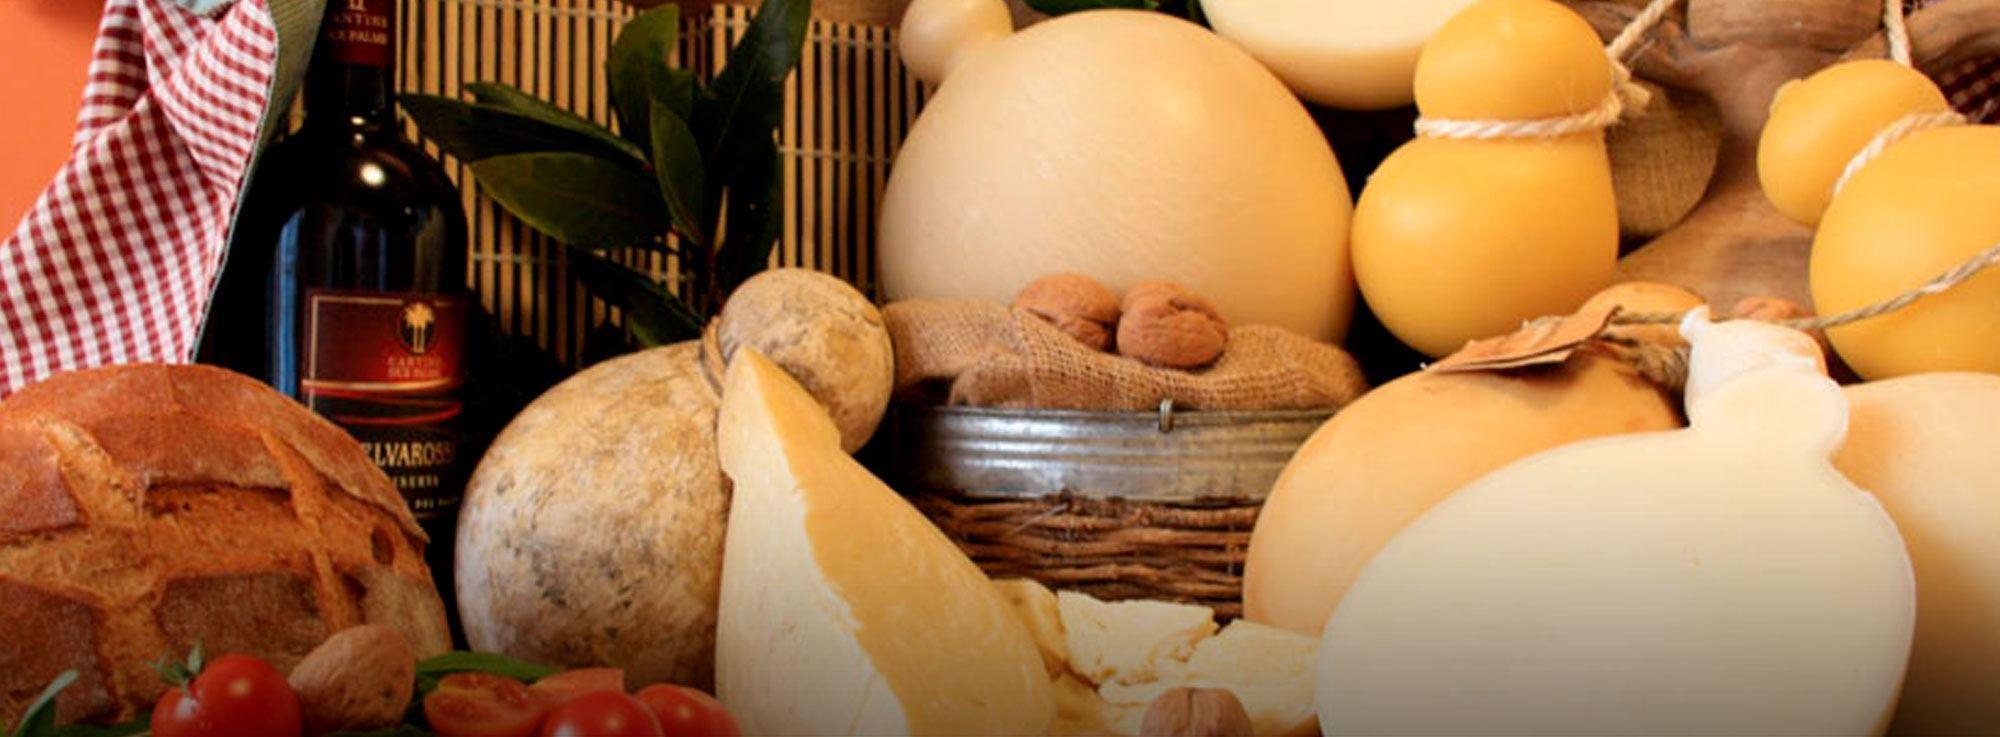 Martina Franca: Fit Food